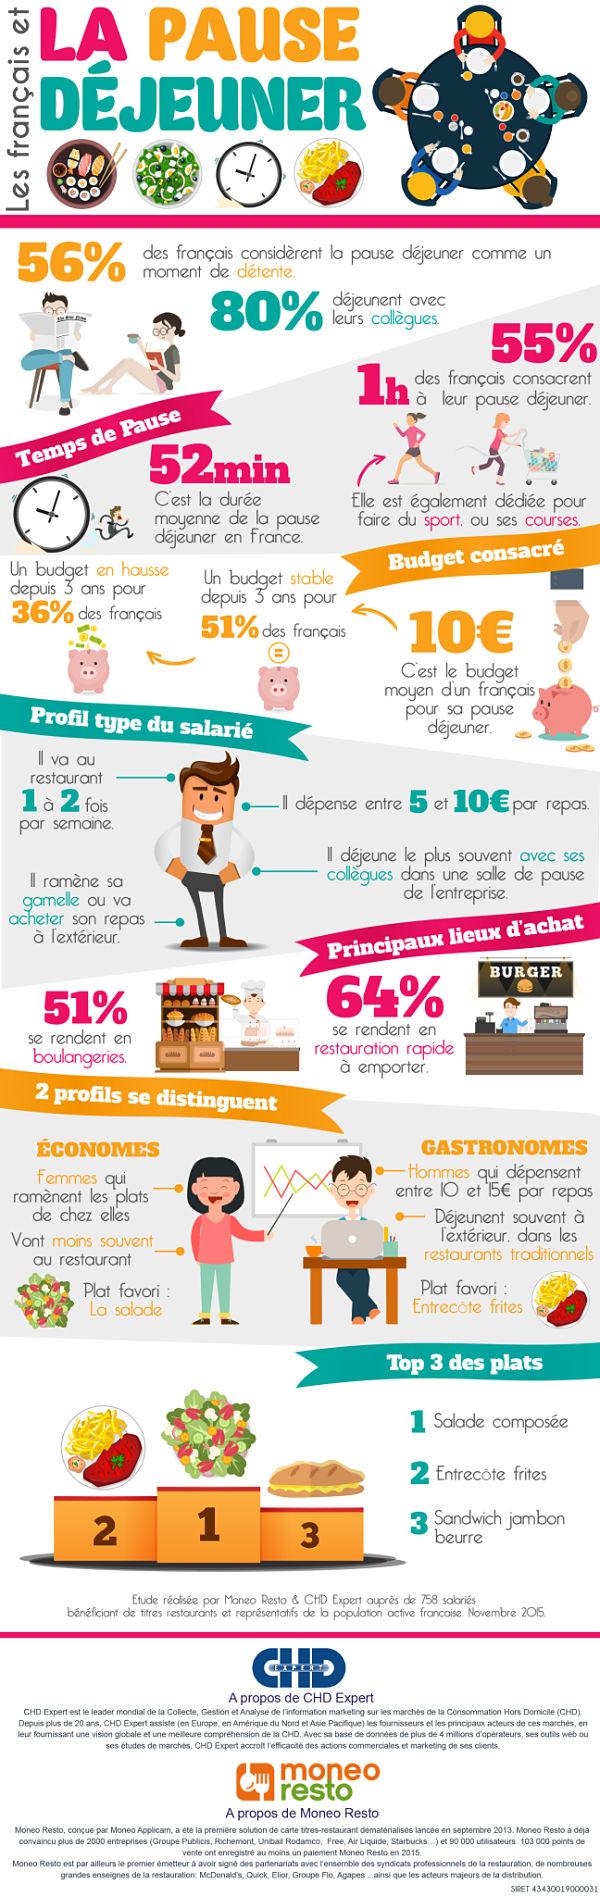 Infographie Les francais et la pause dejeuner_CHD Expert_opt